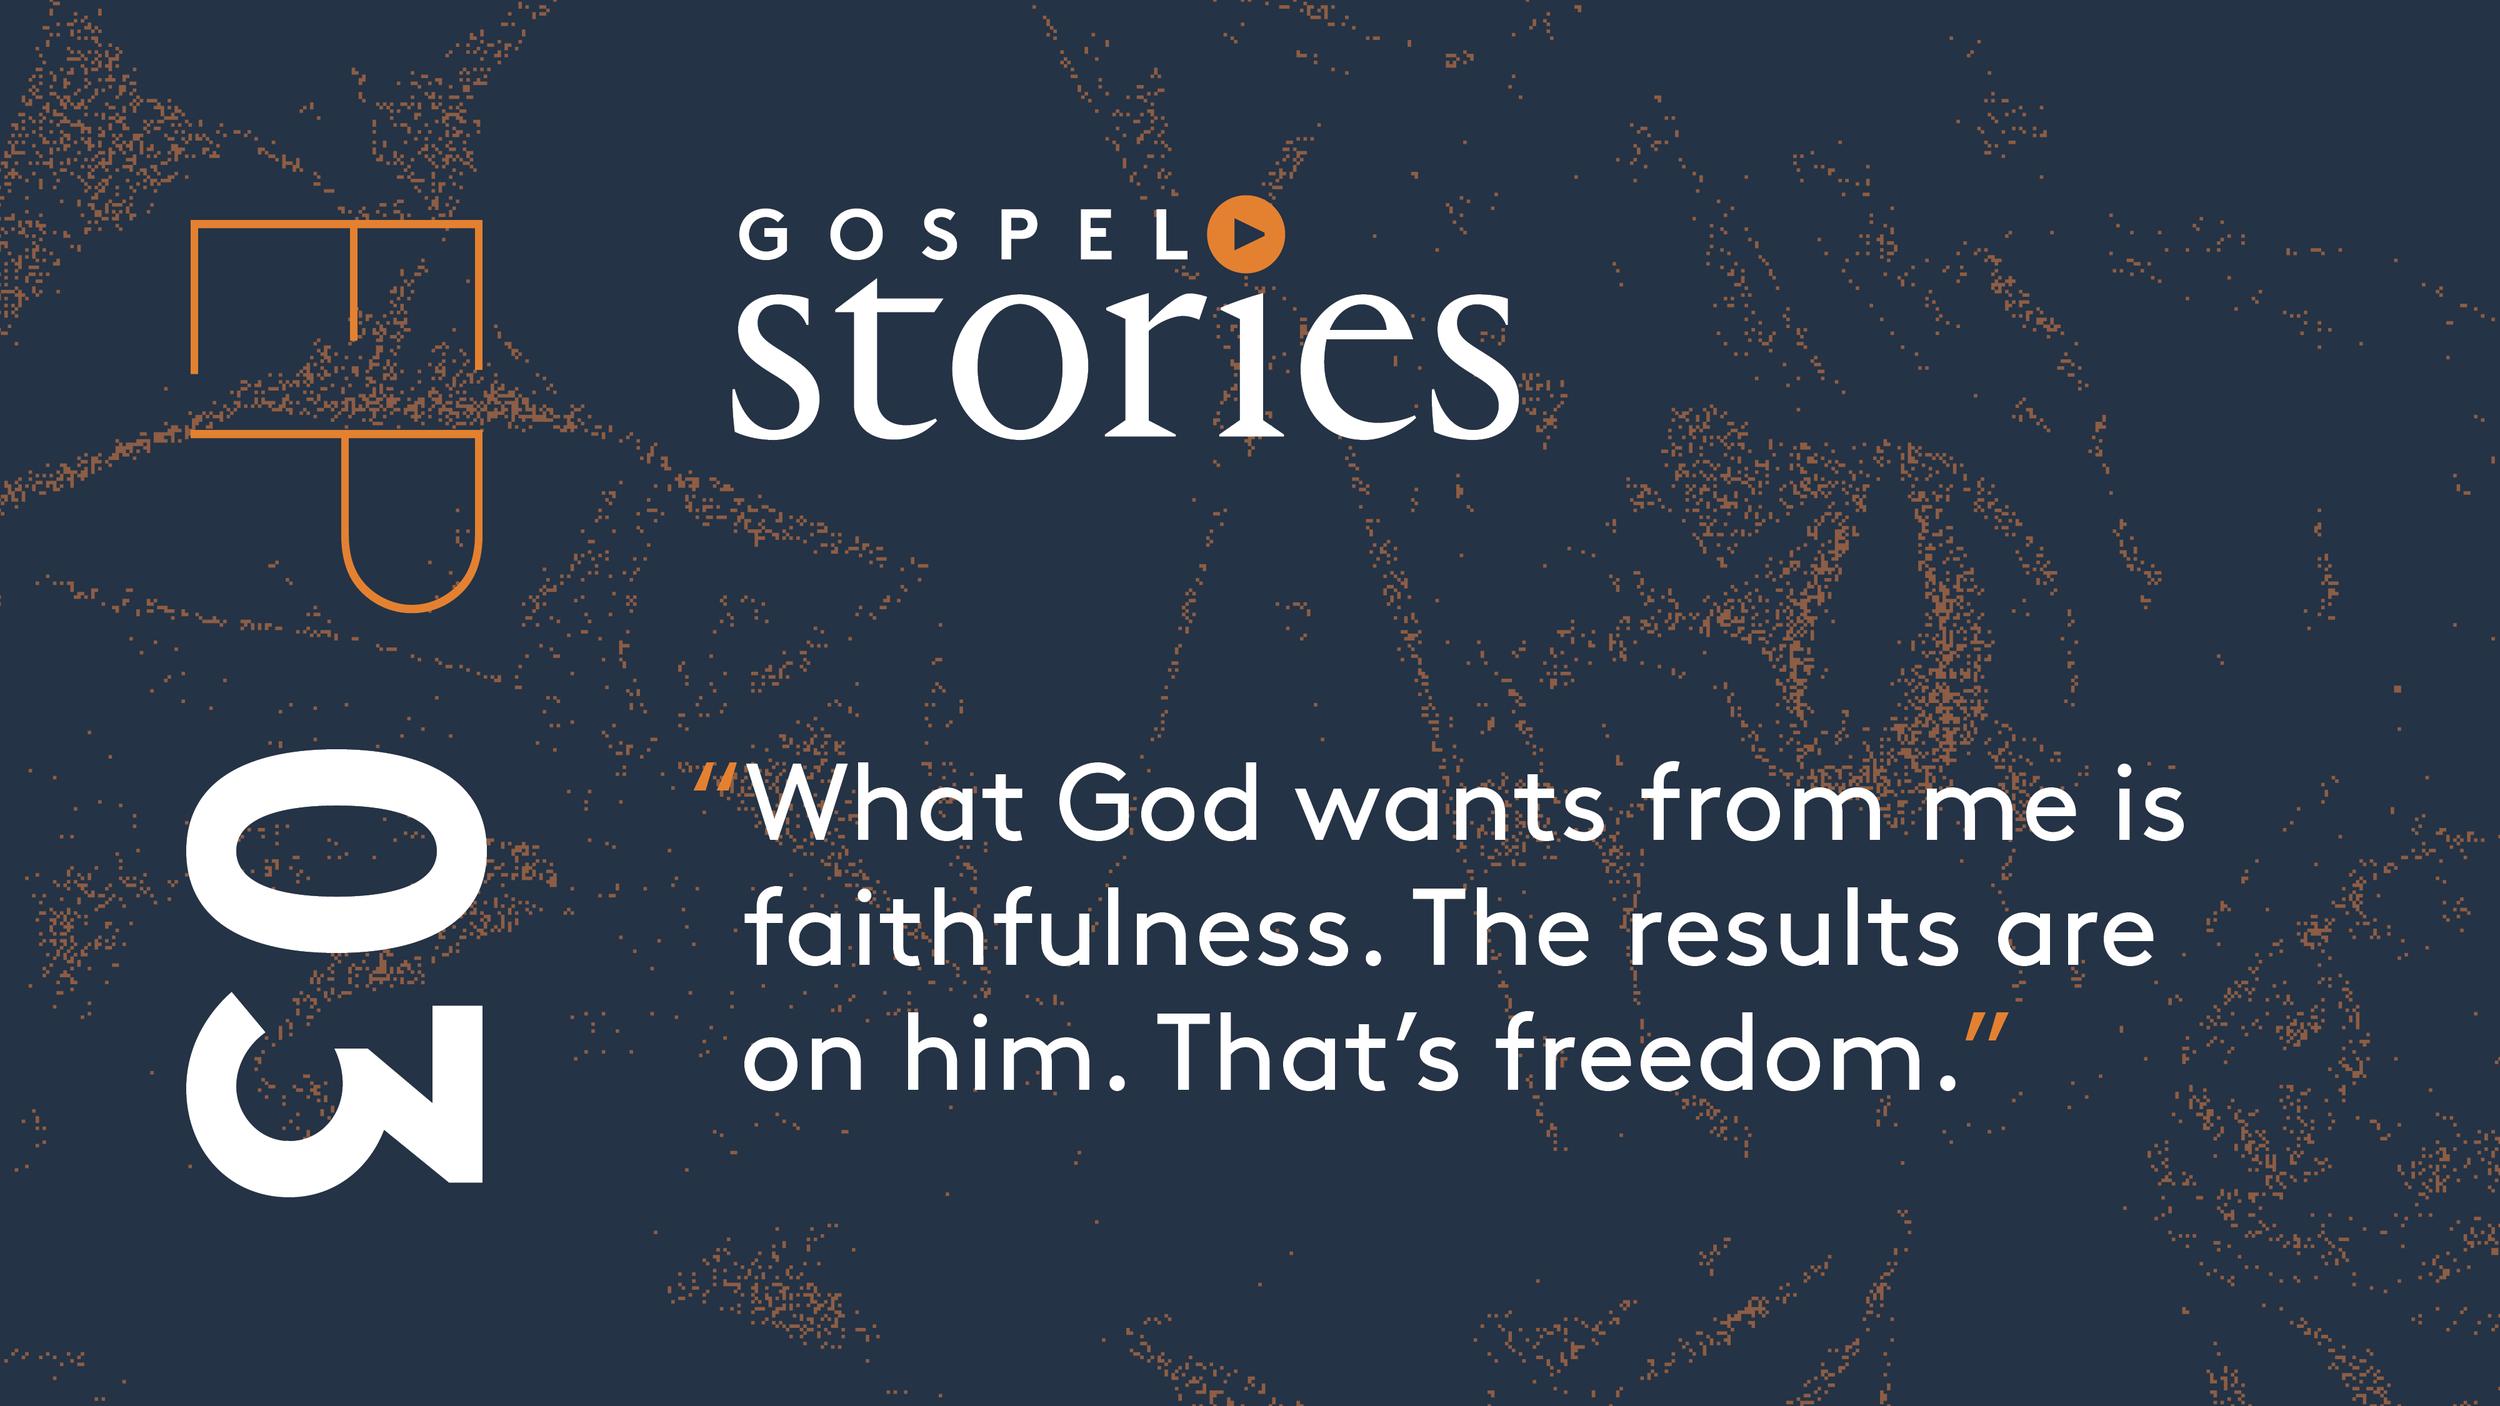 03_Gospel Stories_Web.png